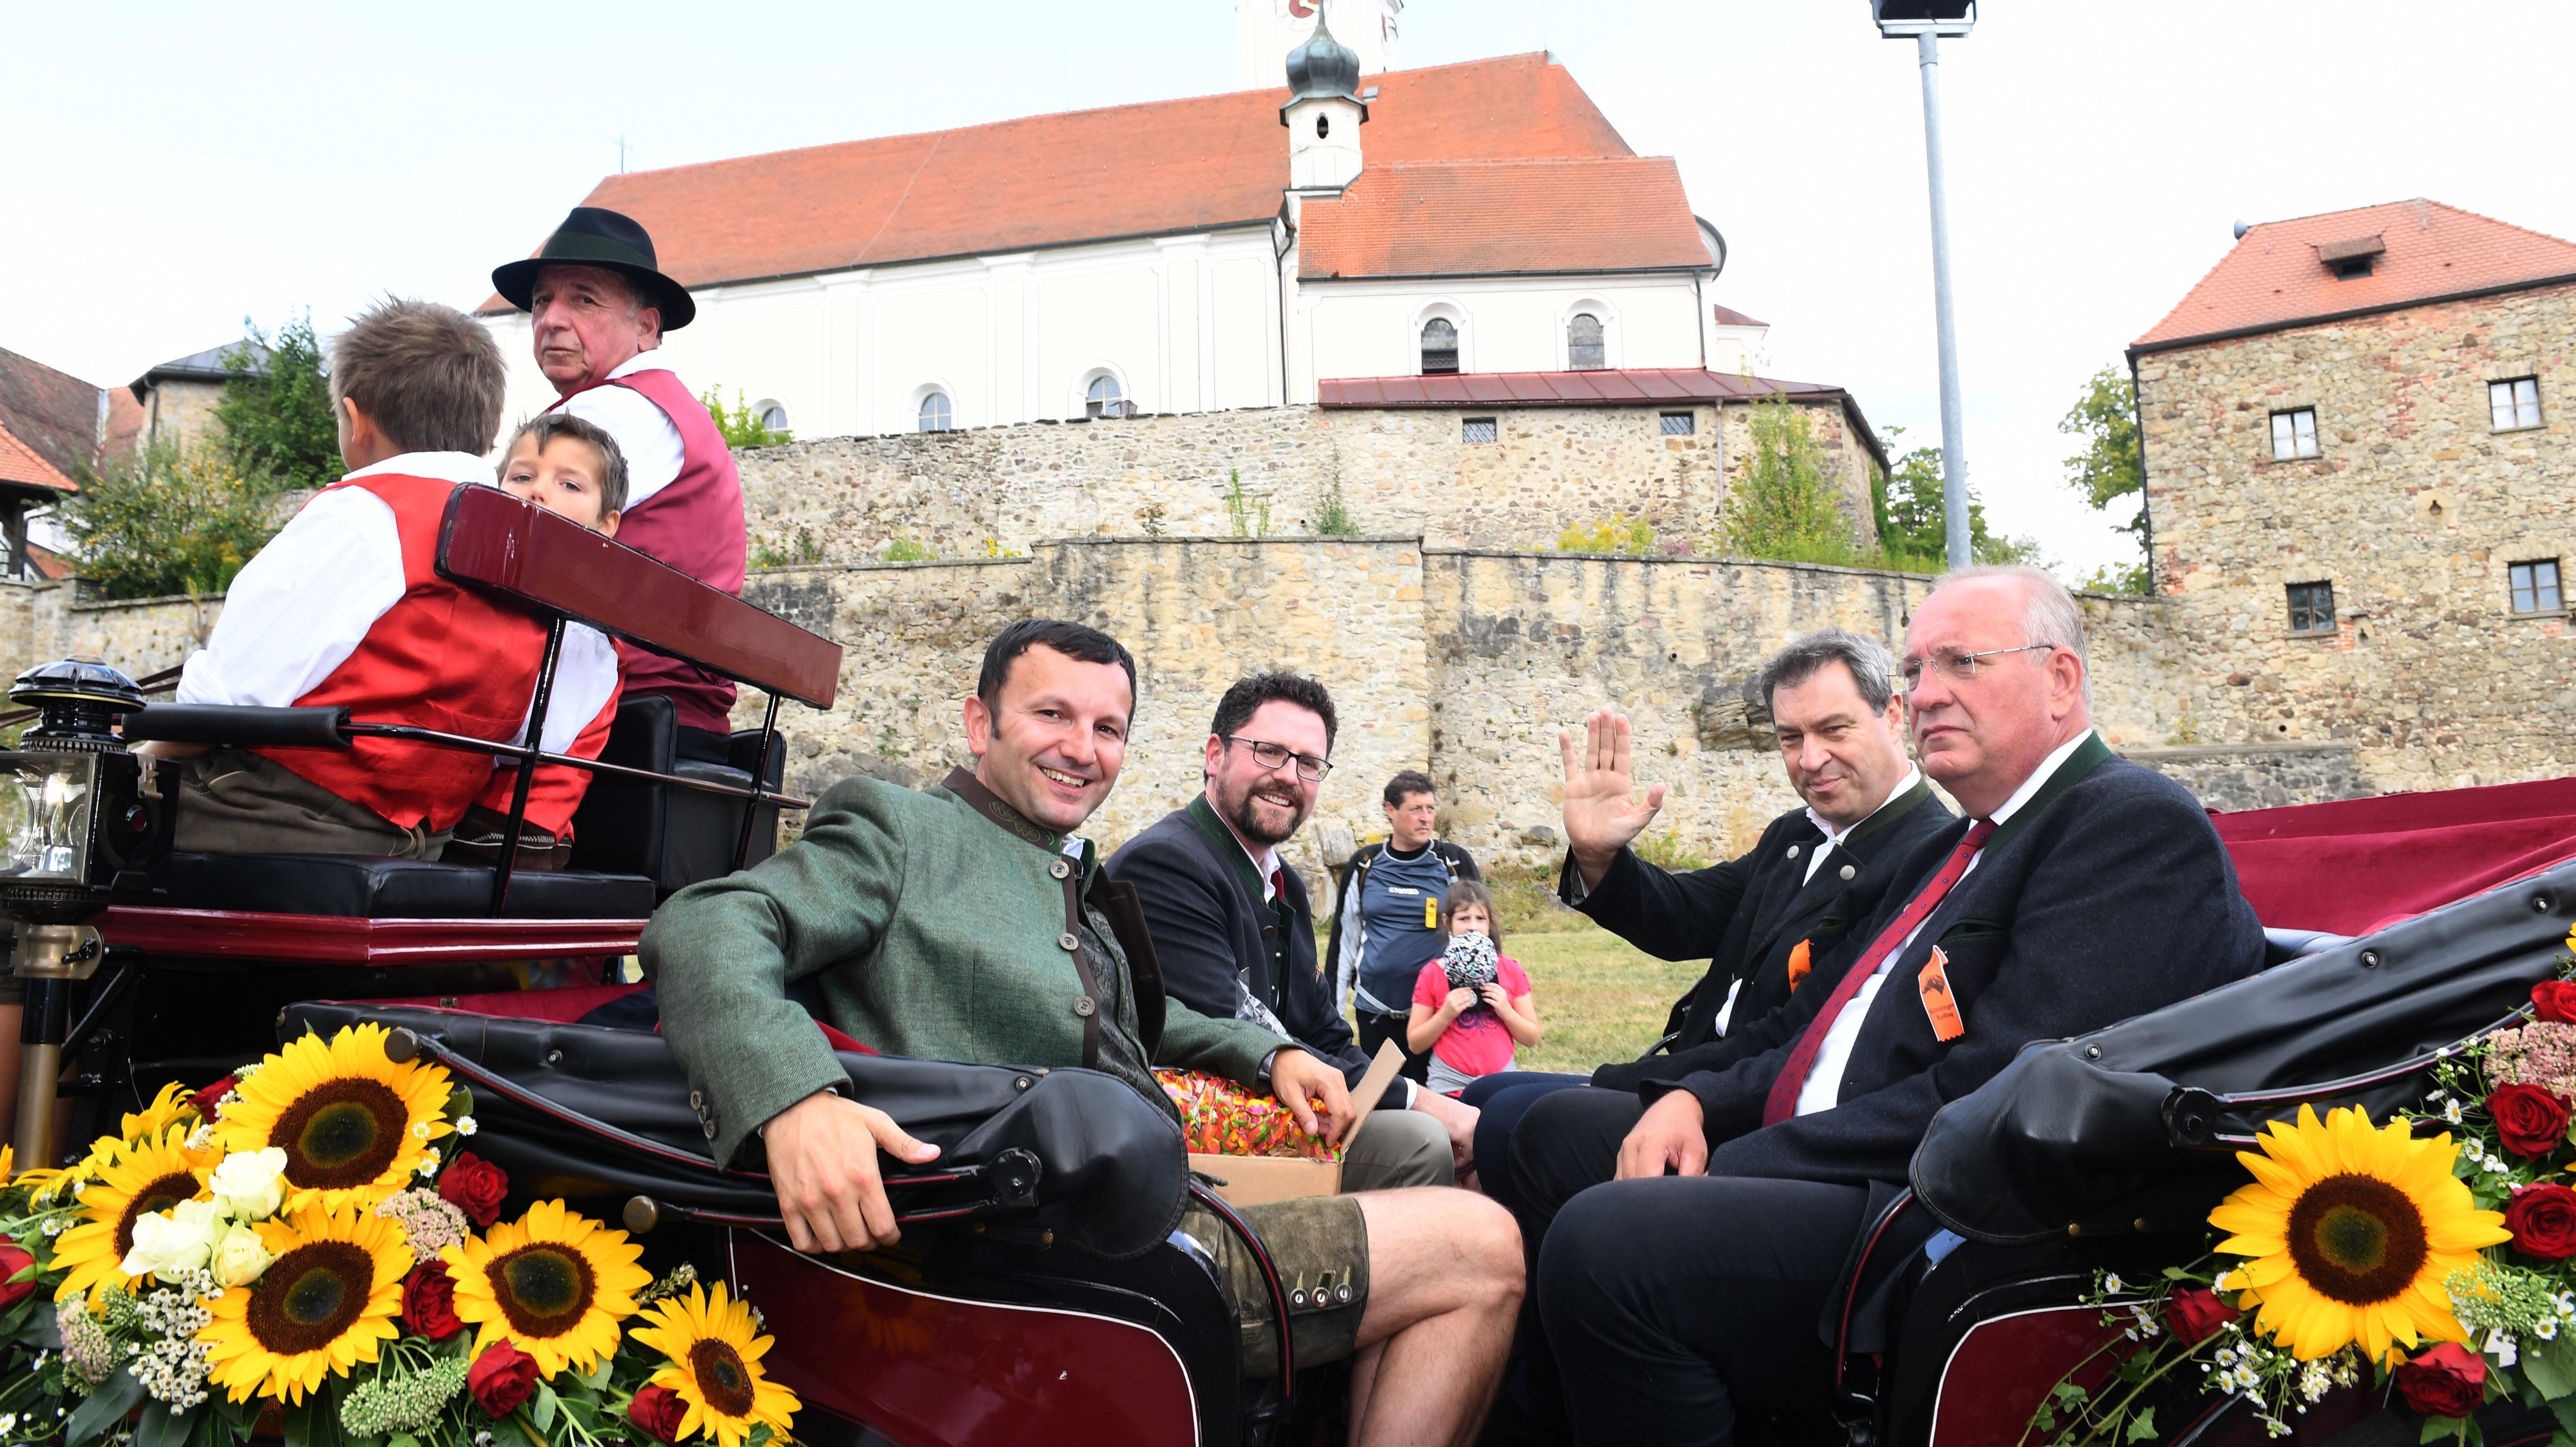 Ministerpräsident Markus Söder , CSU (2. v.r.), in einer Festkutsche beim Kötztinger Rosstag.